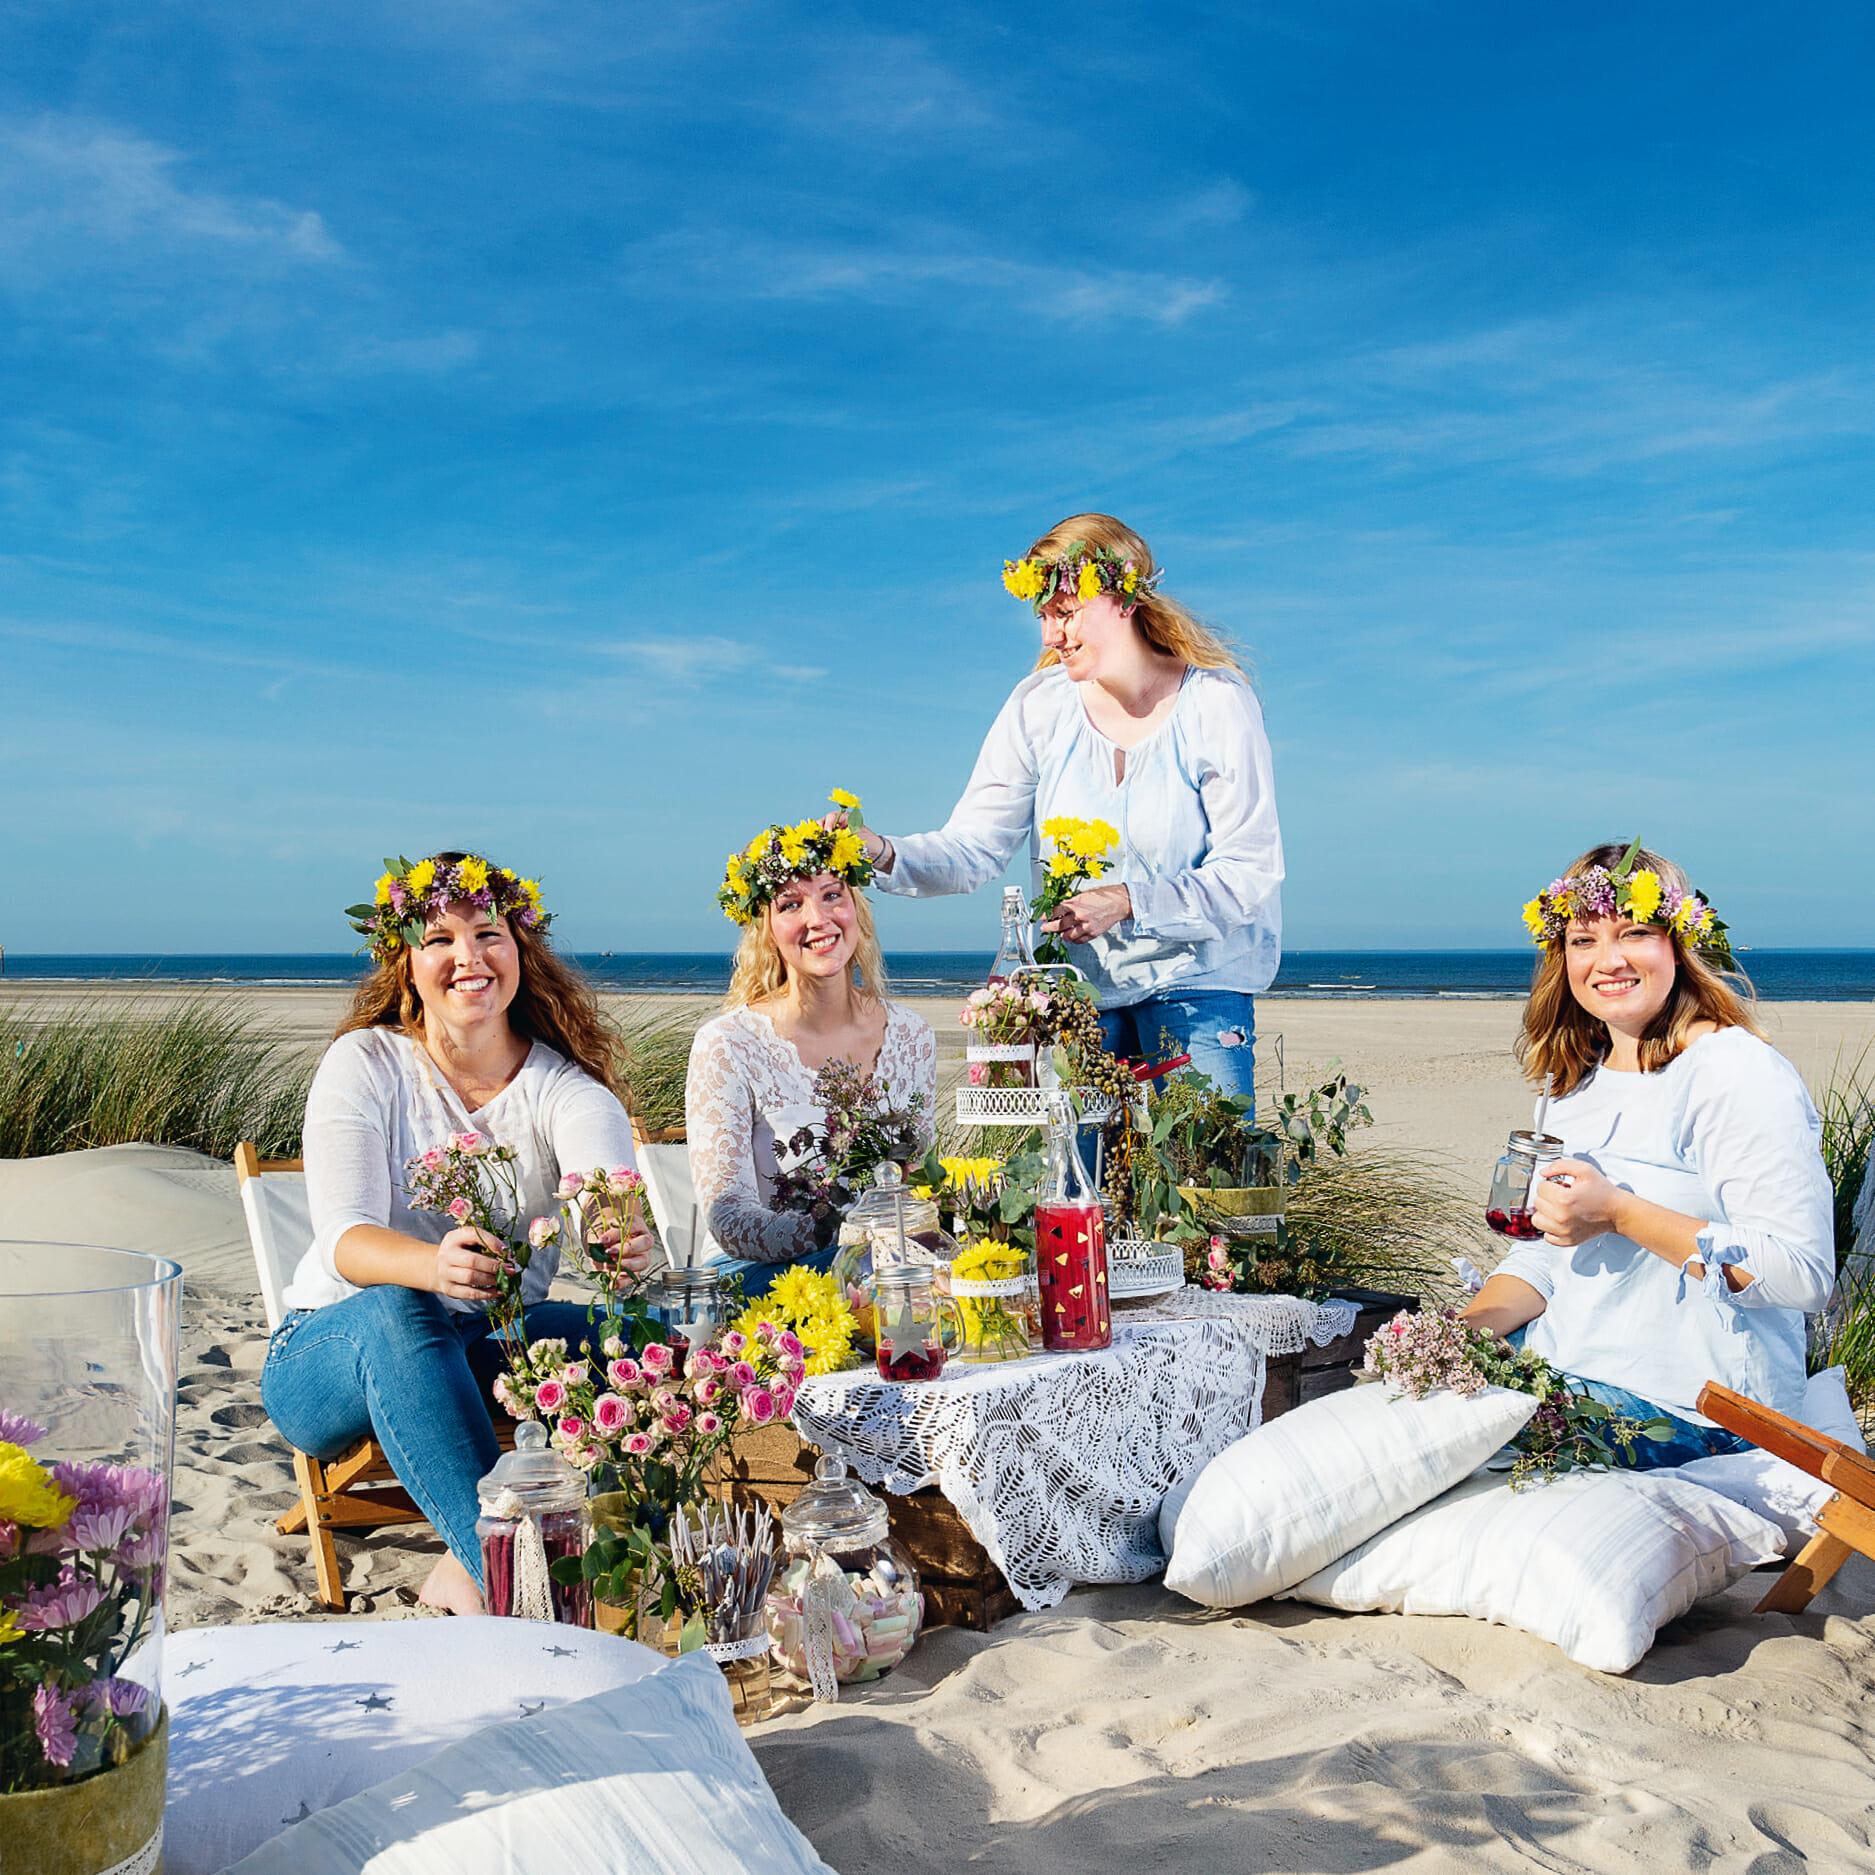 Die Norderneyer Blumenhändlerin Antje Boekhoff bei einem Blumenkranz Event am Strand an der Weissen Düne.